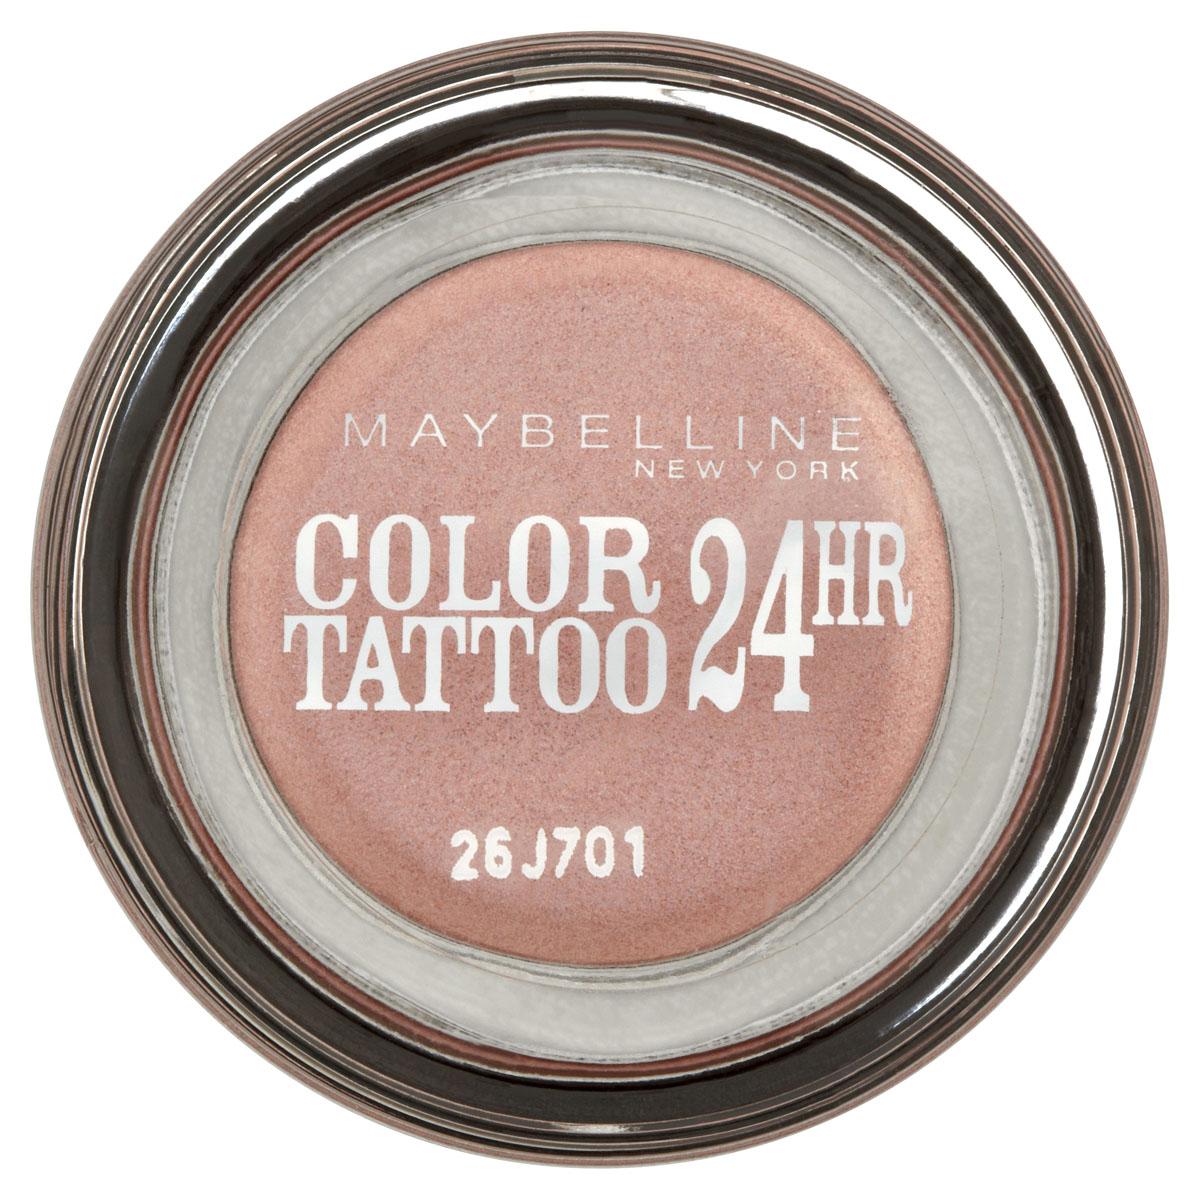 Maybelline New York Тени для век Color Tattoo 24 часа, оттенок 65, Розовое золото, 3,5 млSatin Hair 7 BR730MNТехнология тату-пигментов создает яркий, супернасыщенный цвет. Крем-гелевая текстура обеспечивает ультралегкое нанесение и стойкость на 24 часа.12 оттенков